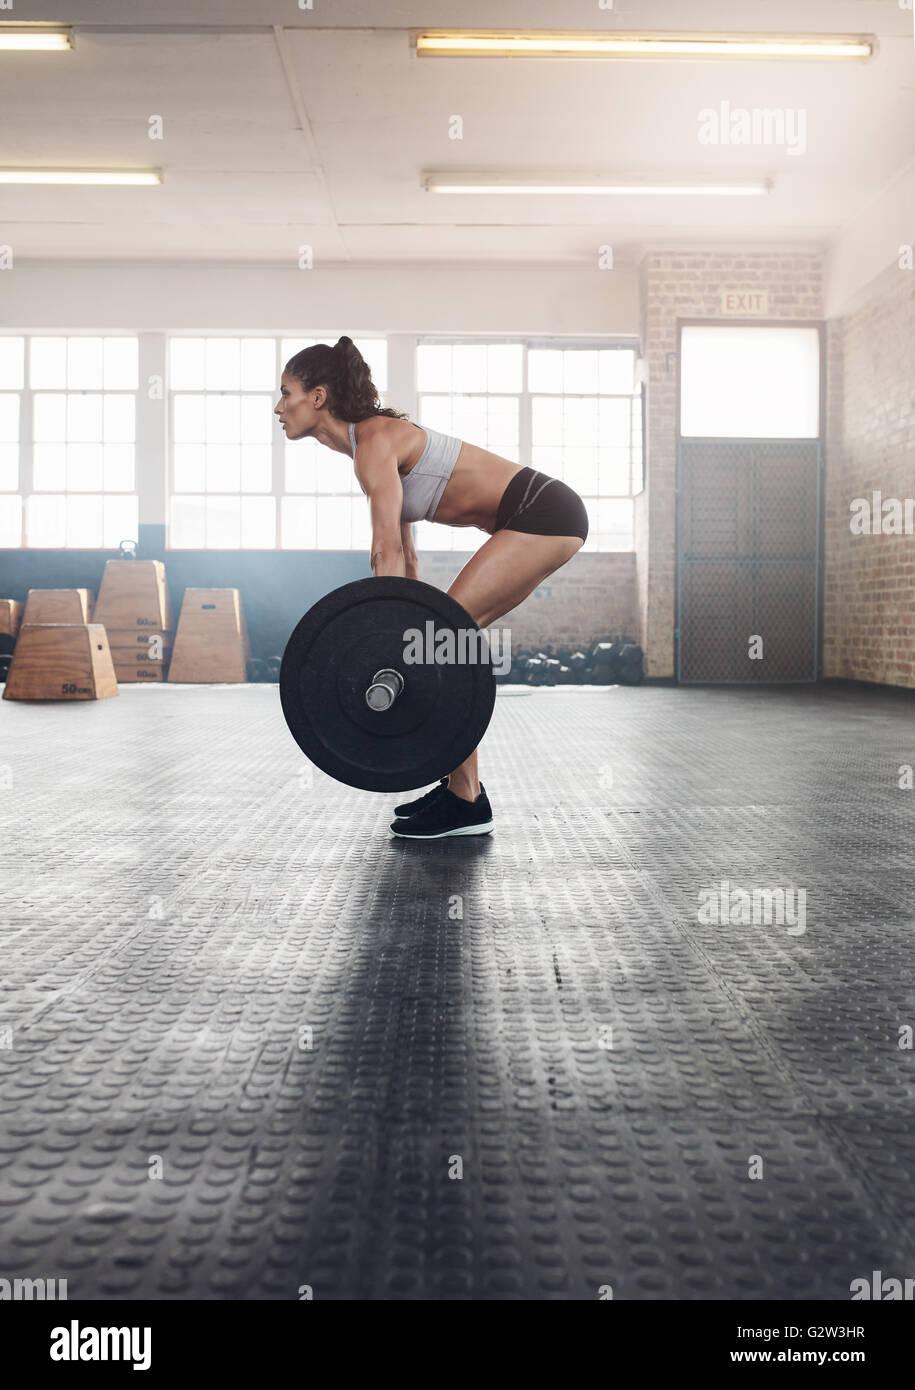 Vista lateral del gimnasio mujer haciendo ejercicio con pesas pesadas en el gimnasio. Mujer muscular practicando Imagen De Stock